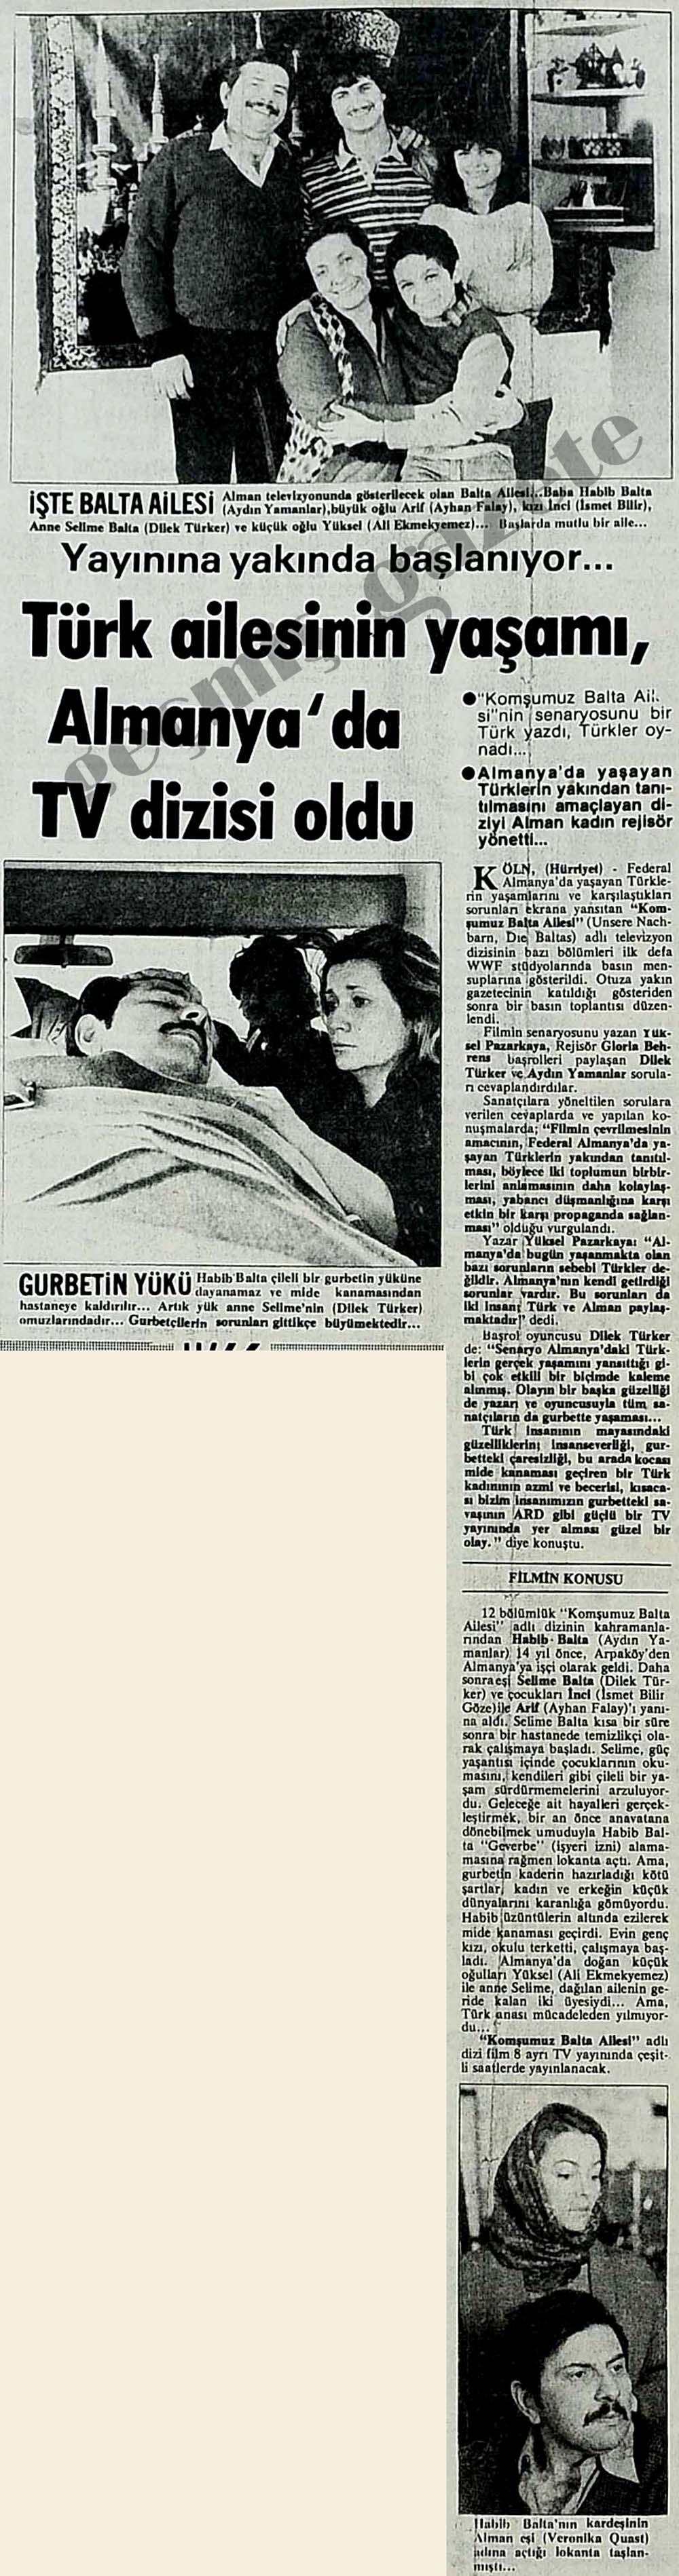 Türk ailesinin yaşamı Almanya'da TV dizisi oldu